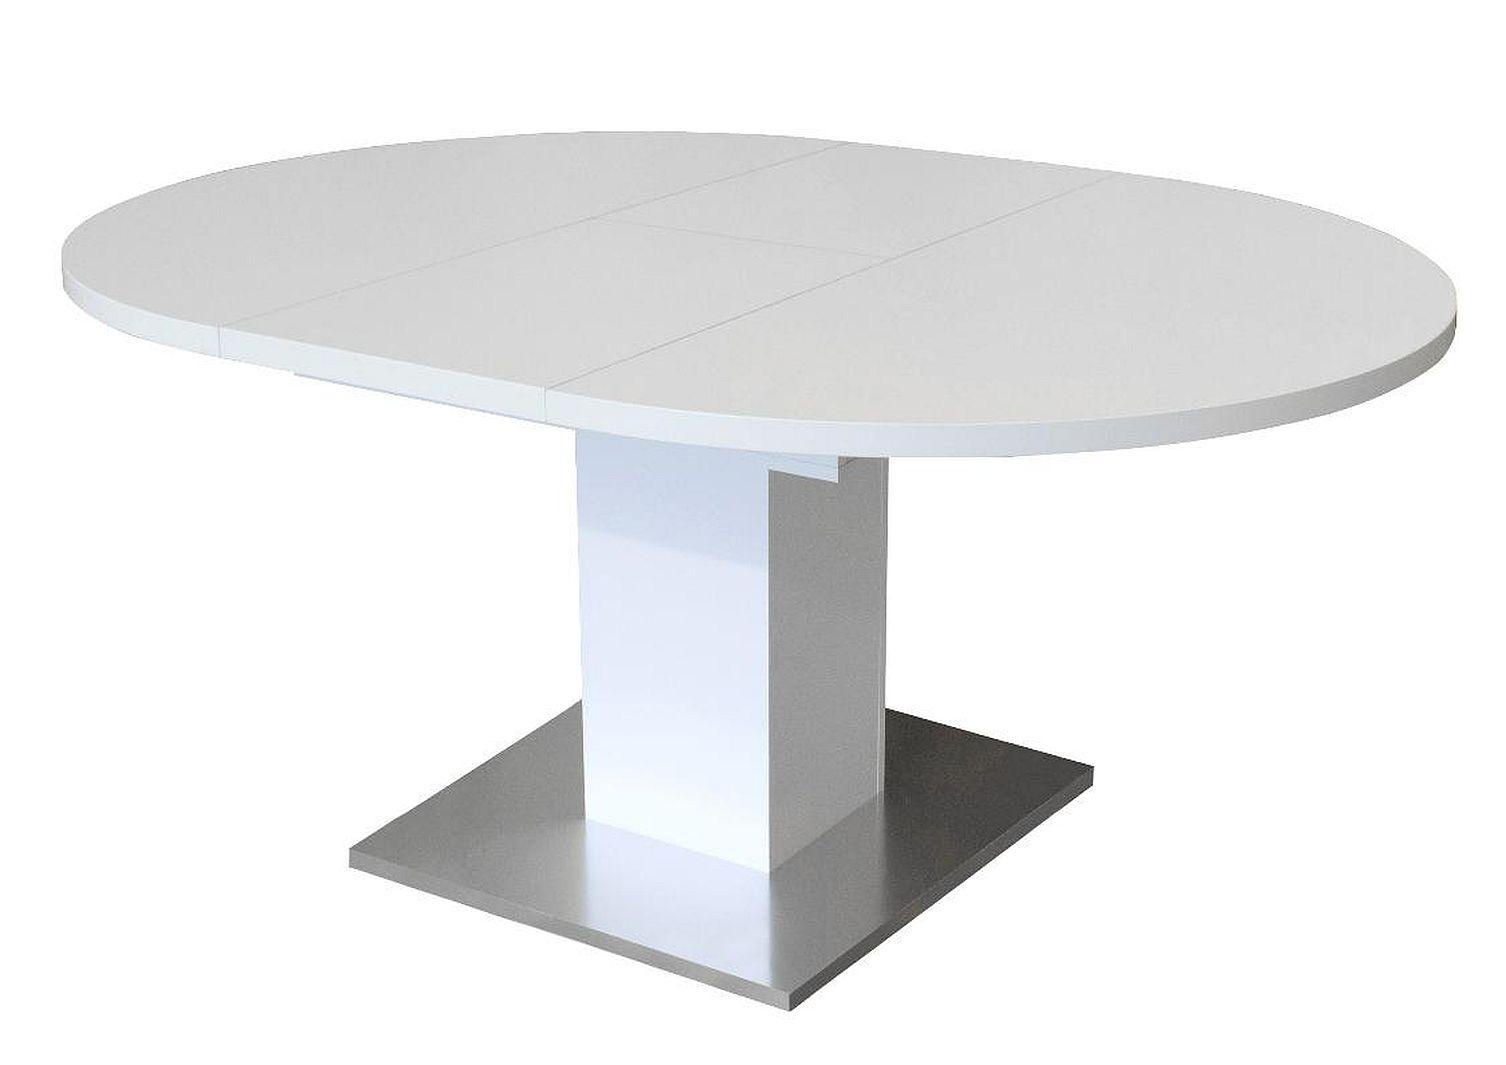 runder tisch esstisch esszimmertisch esszimmer neu speisetisch modern. Black Bedroom Furniture Sets. Home Design Ideas